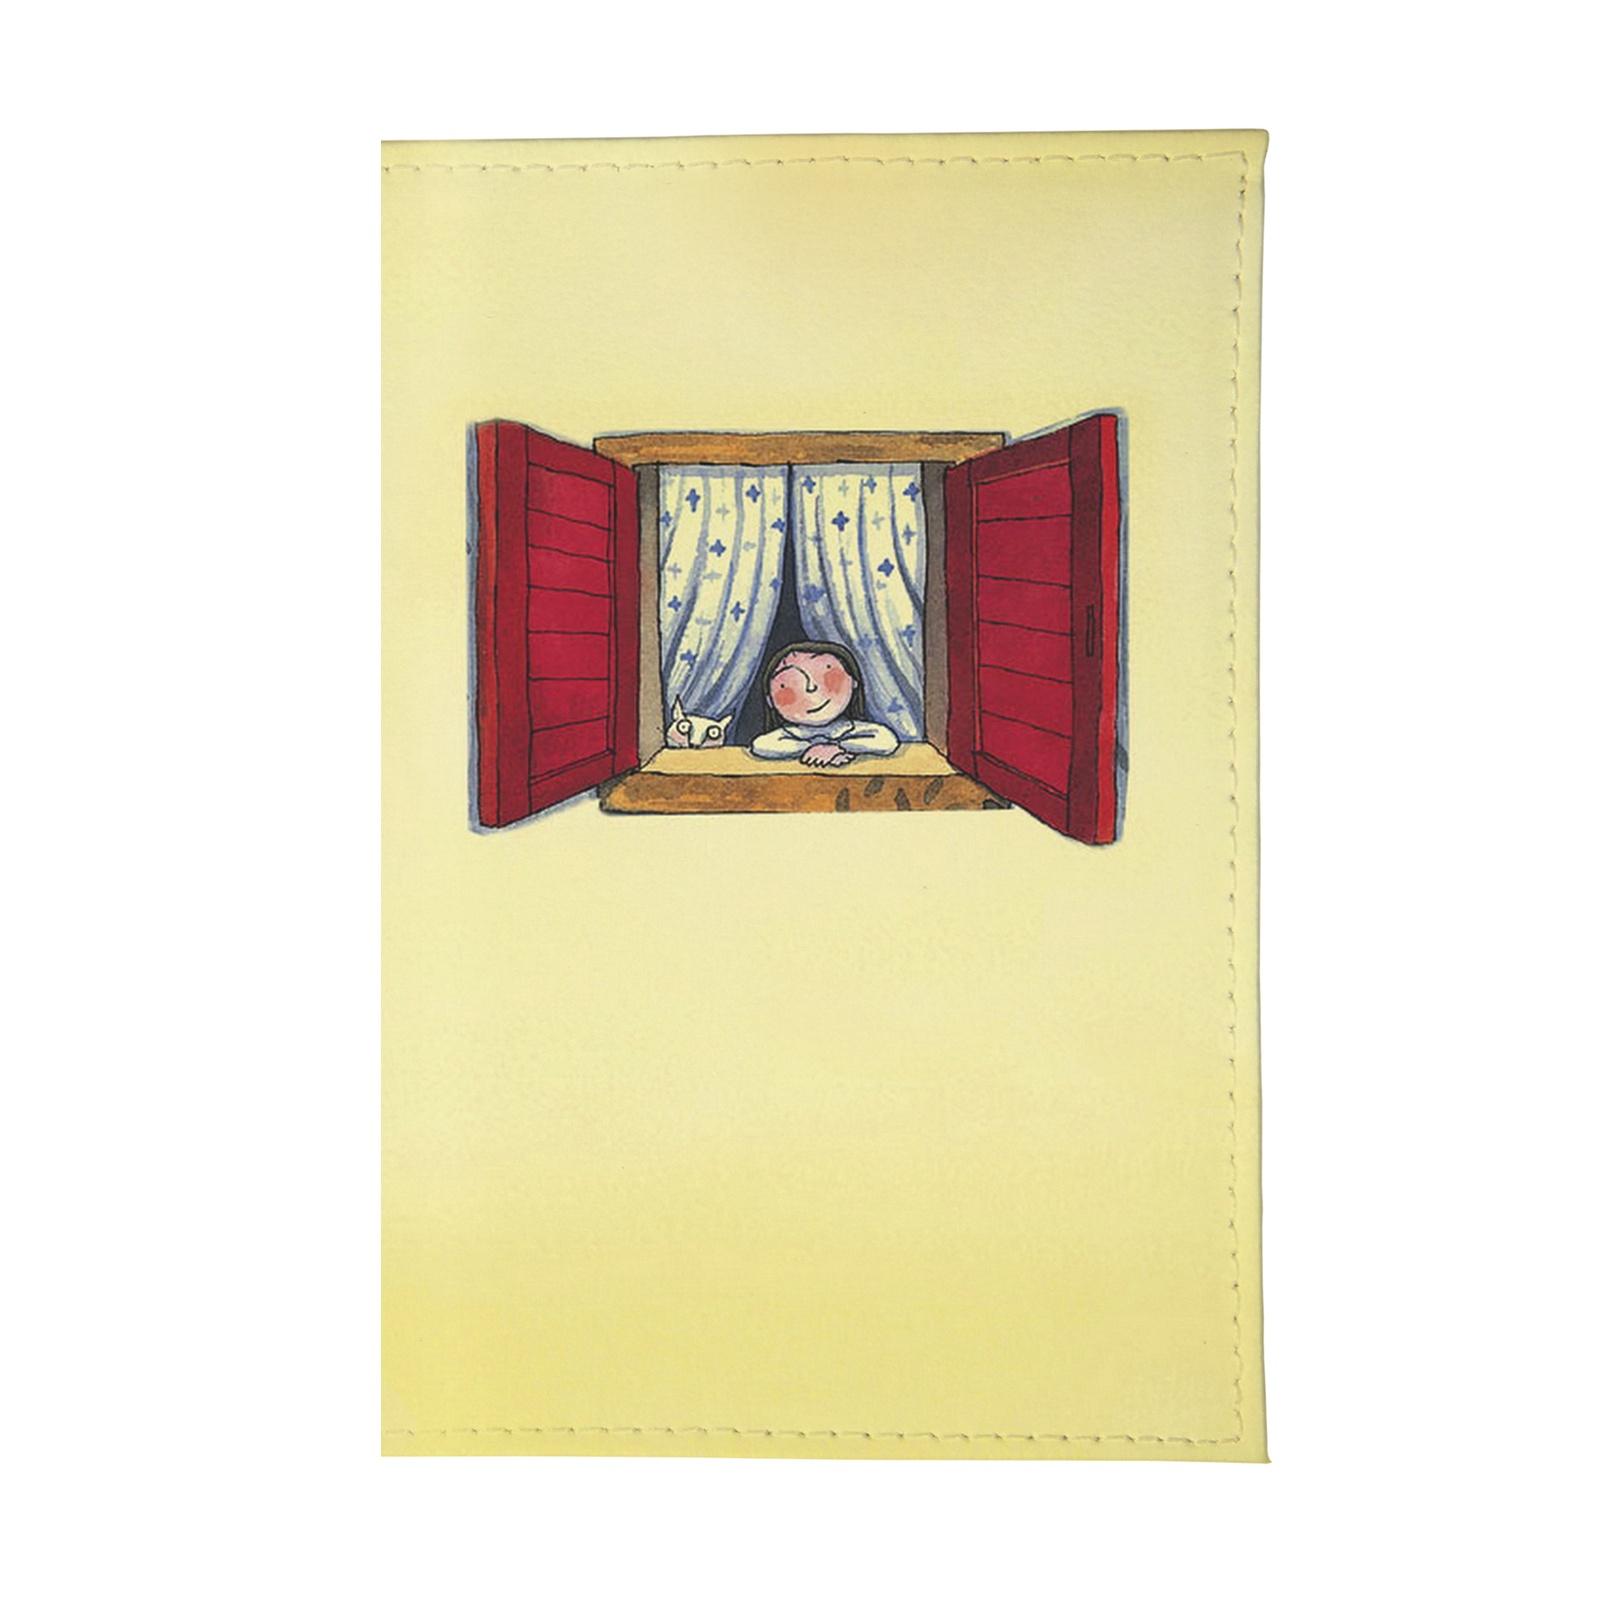 Обложка для паспорта Mitya Veselkov обложка для паспорта mitya veselkov утренний лондон